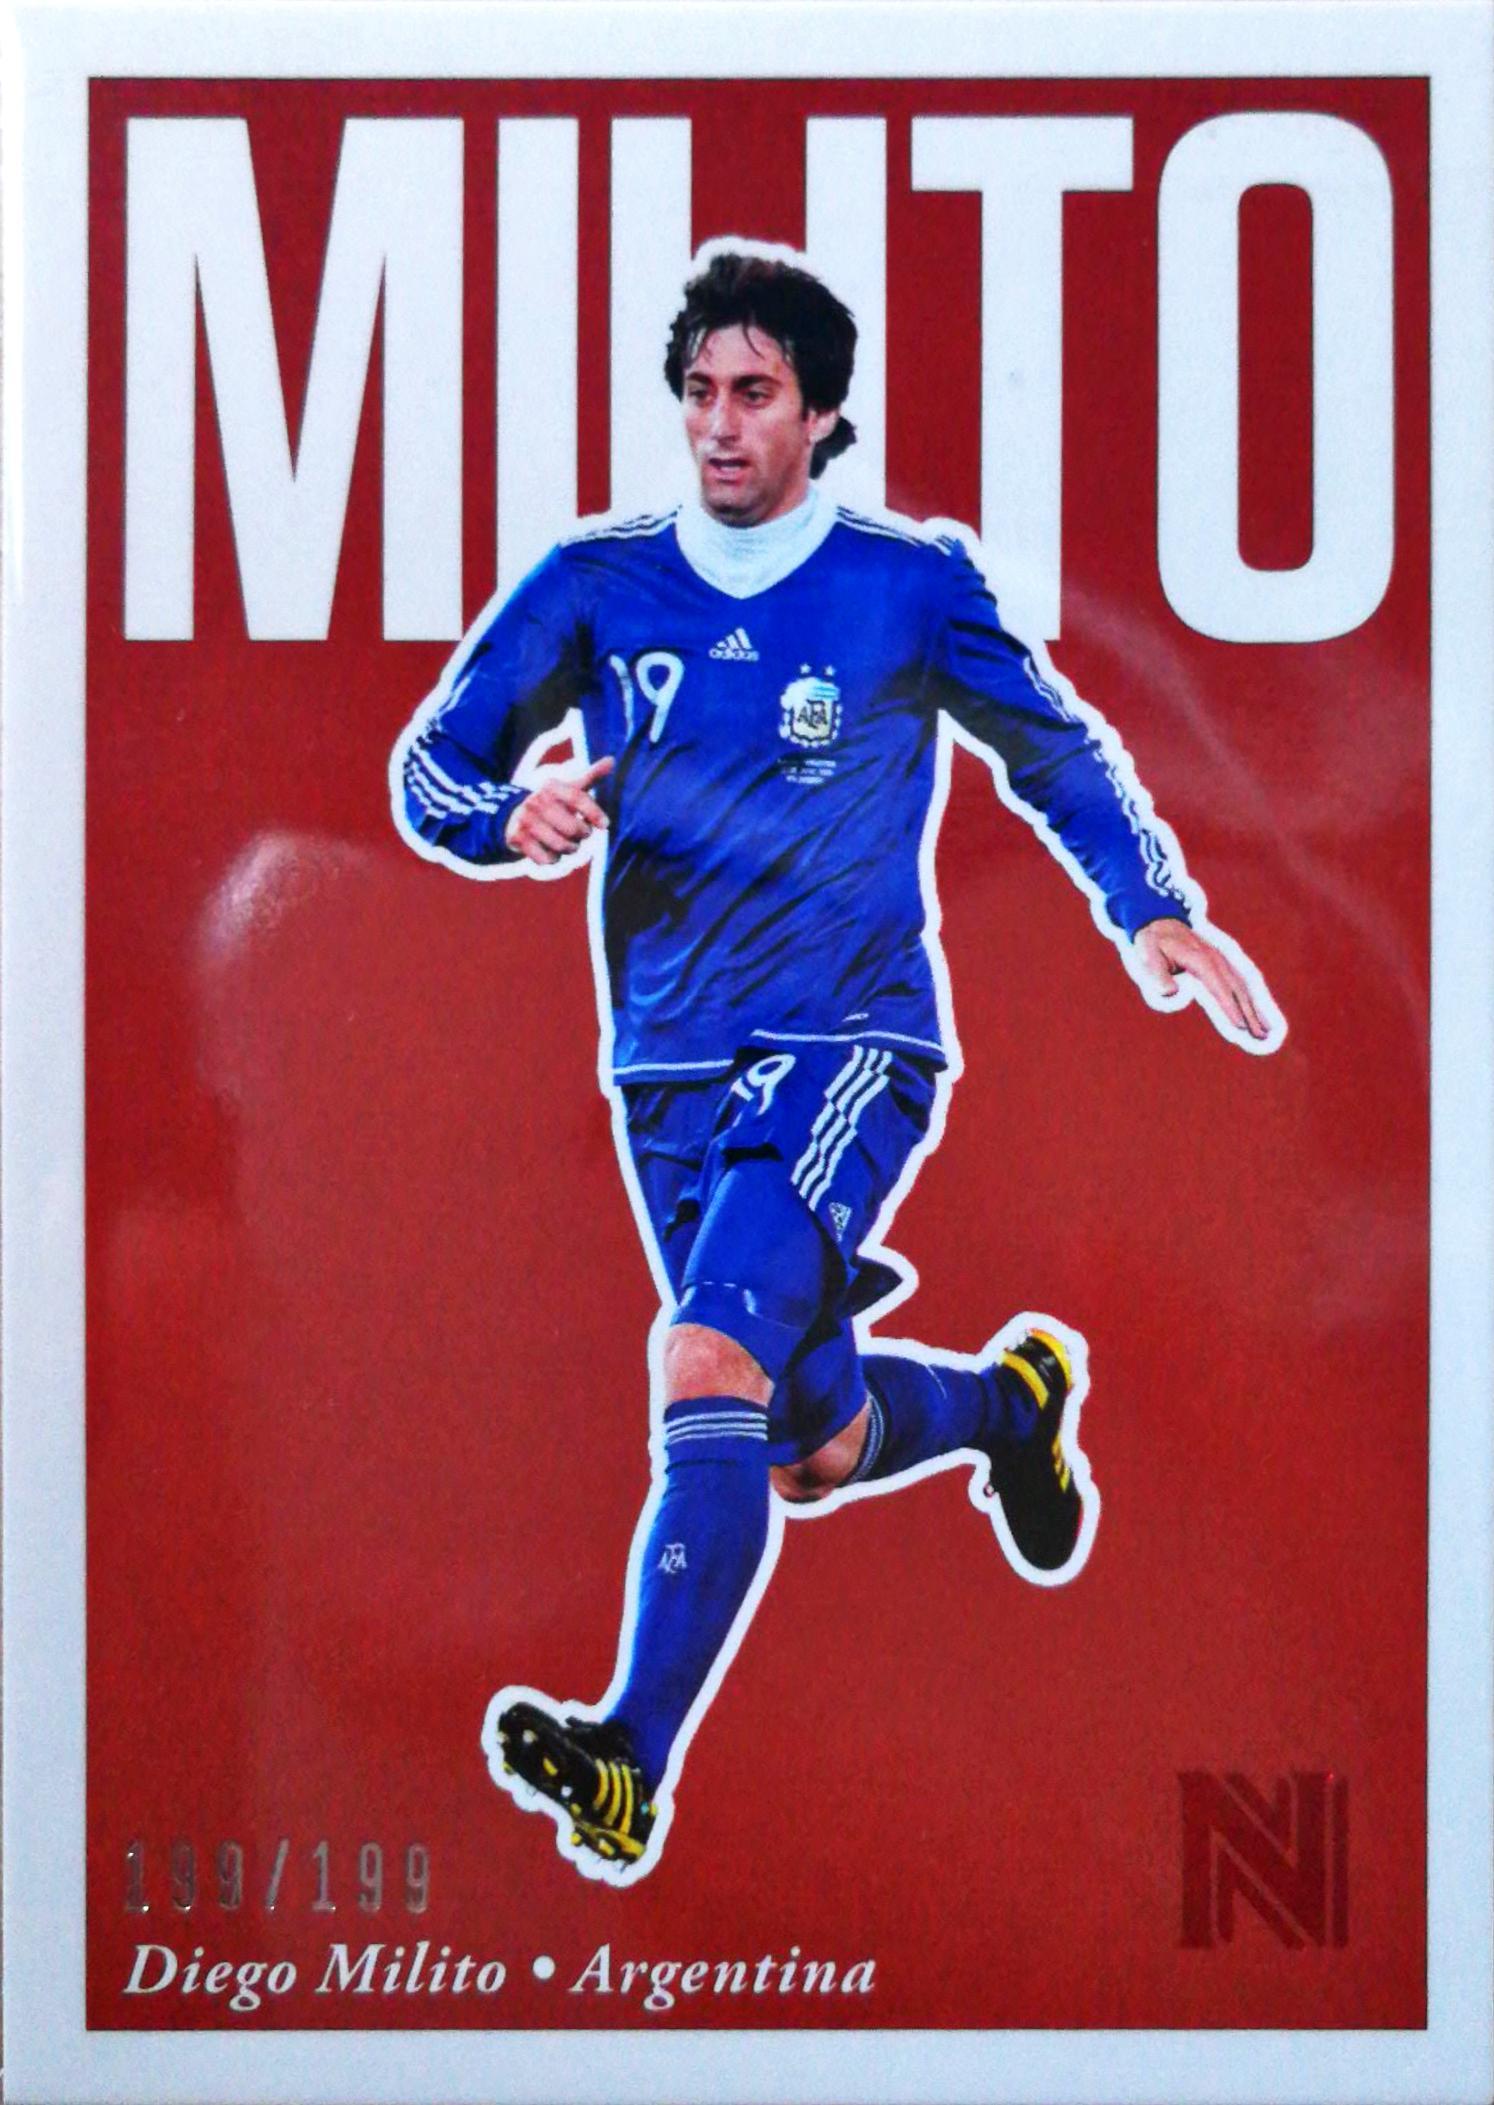 【自若清风】2017Panini崇高足球球星卡Diego Milito米利托阿根廷199/199NO.9基础卡特殊号